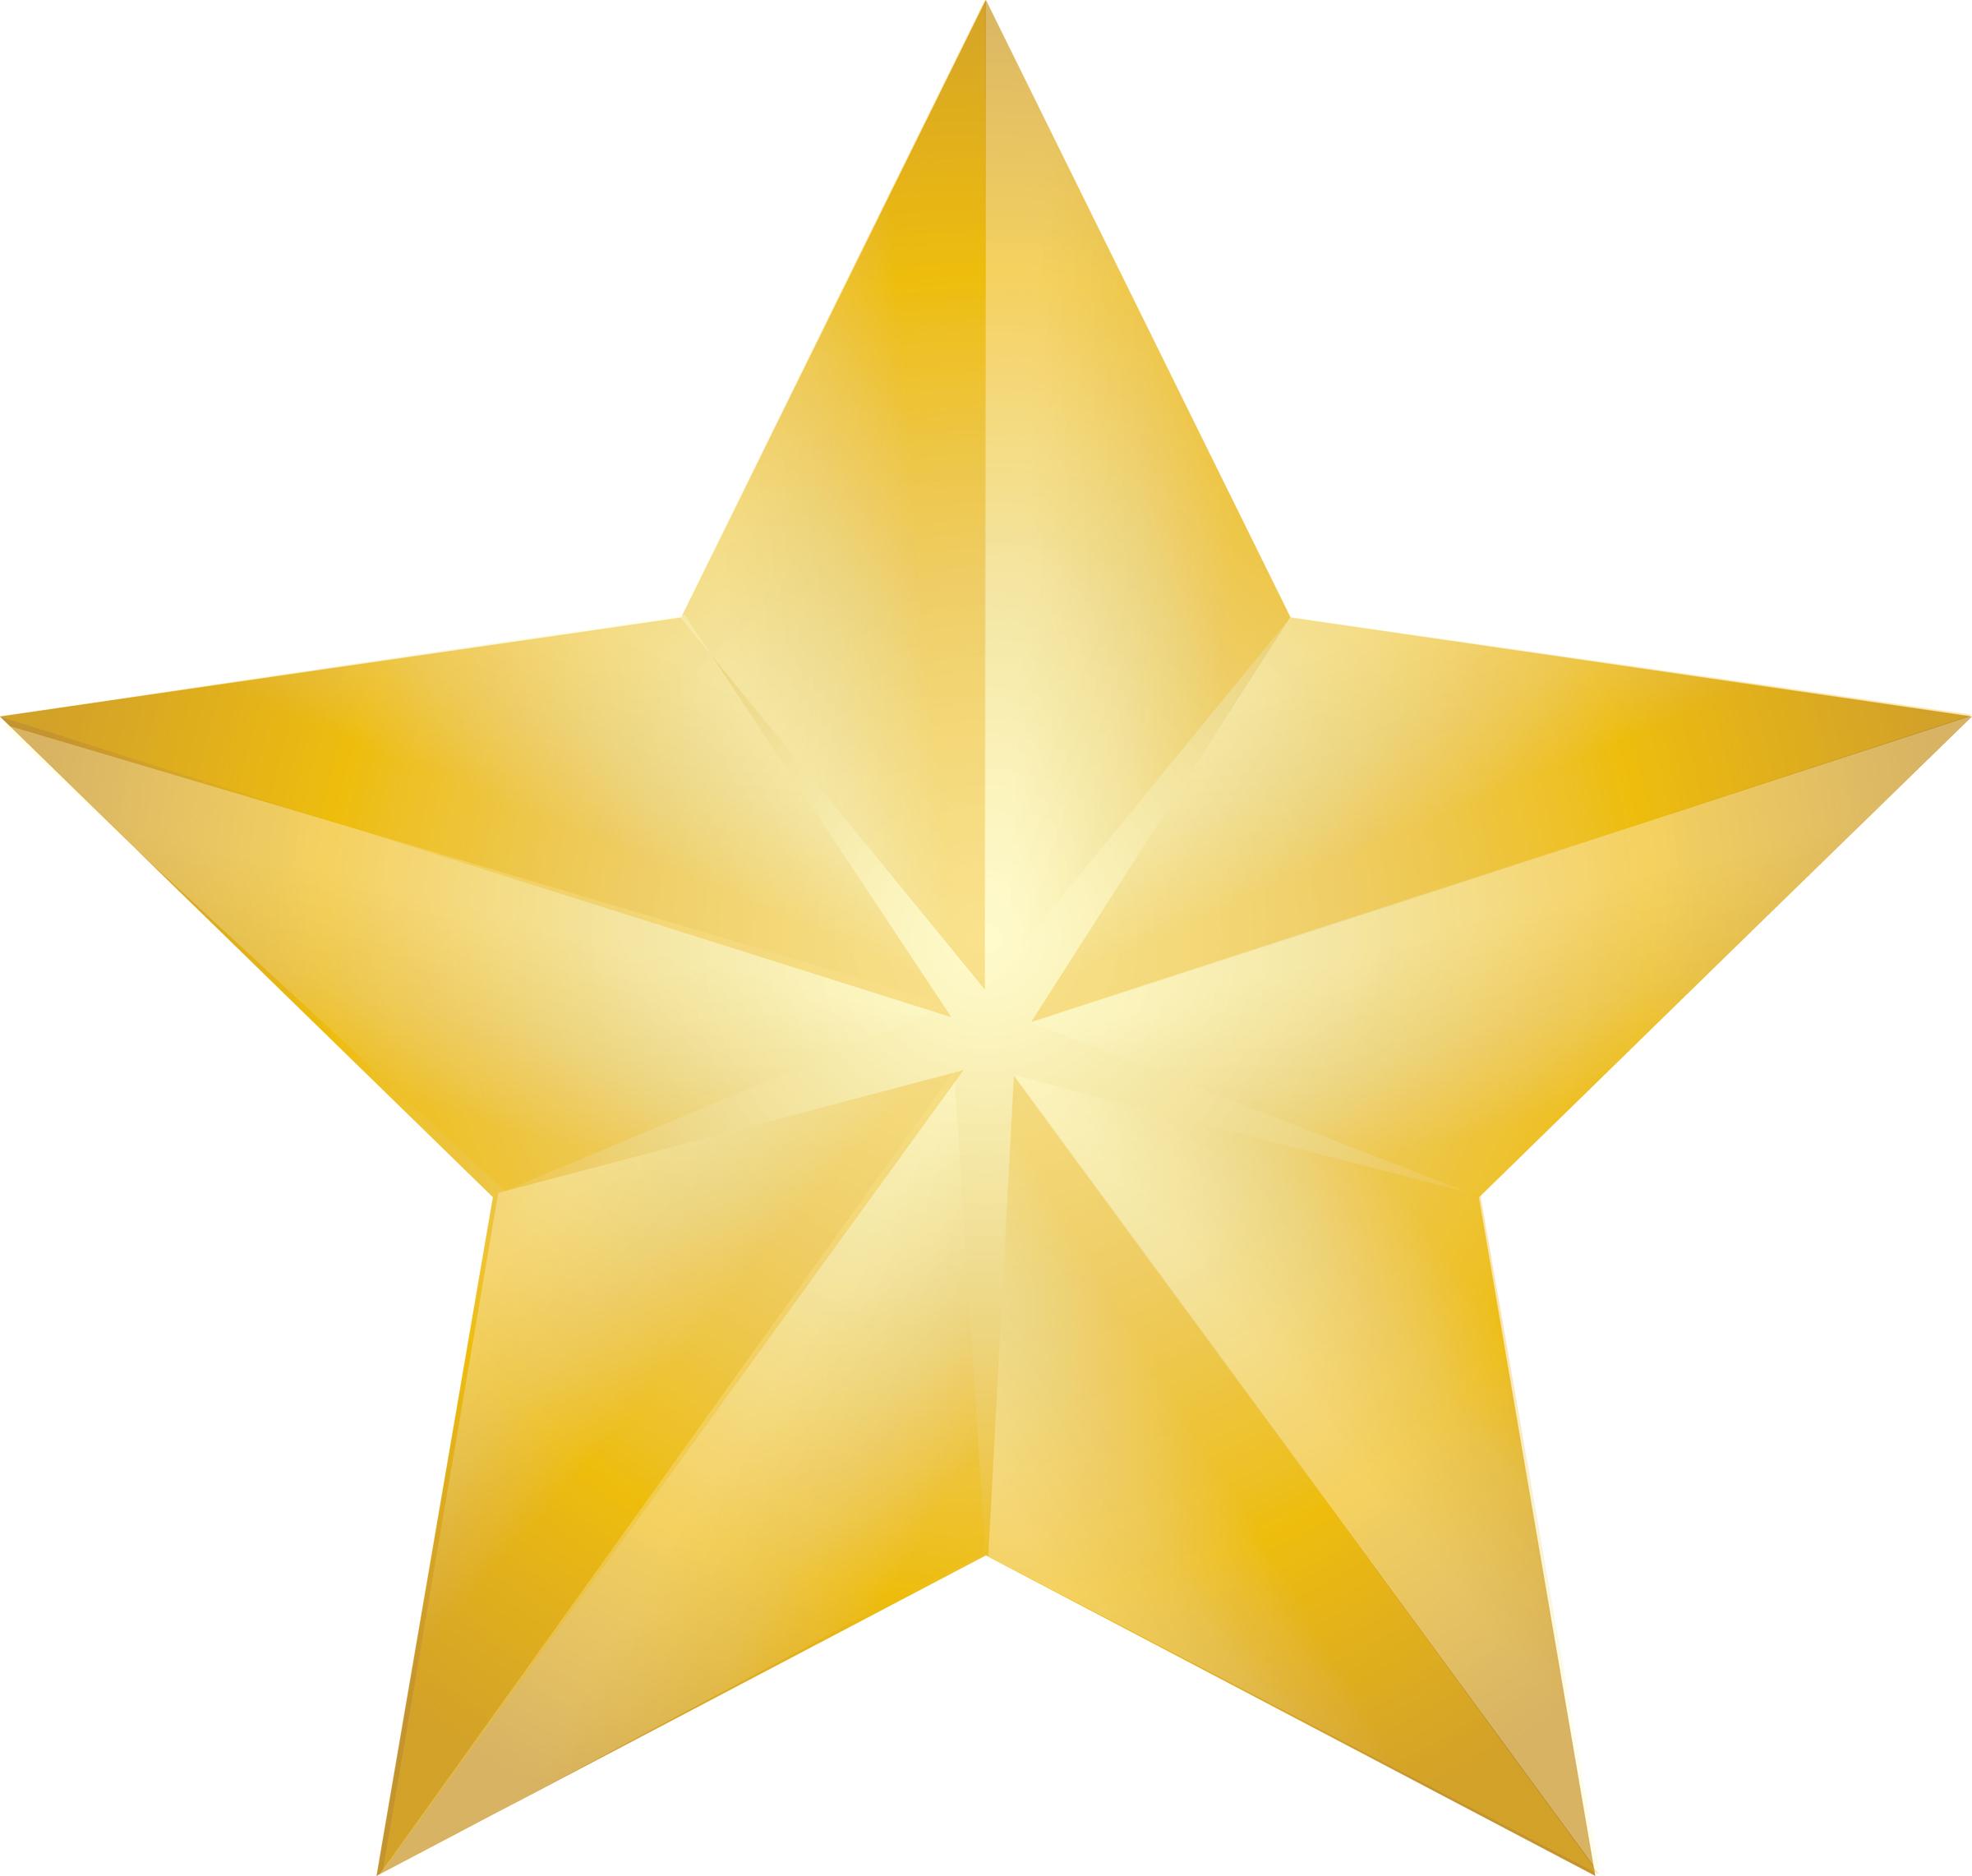 - Star Clip Art